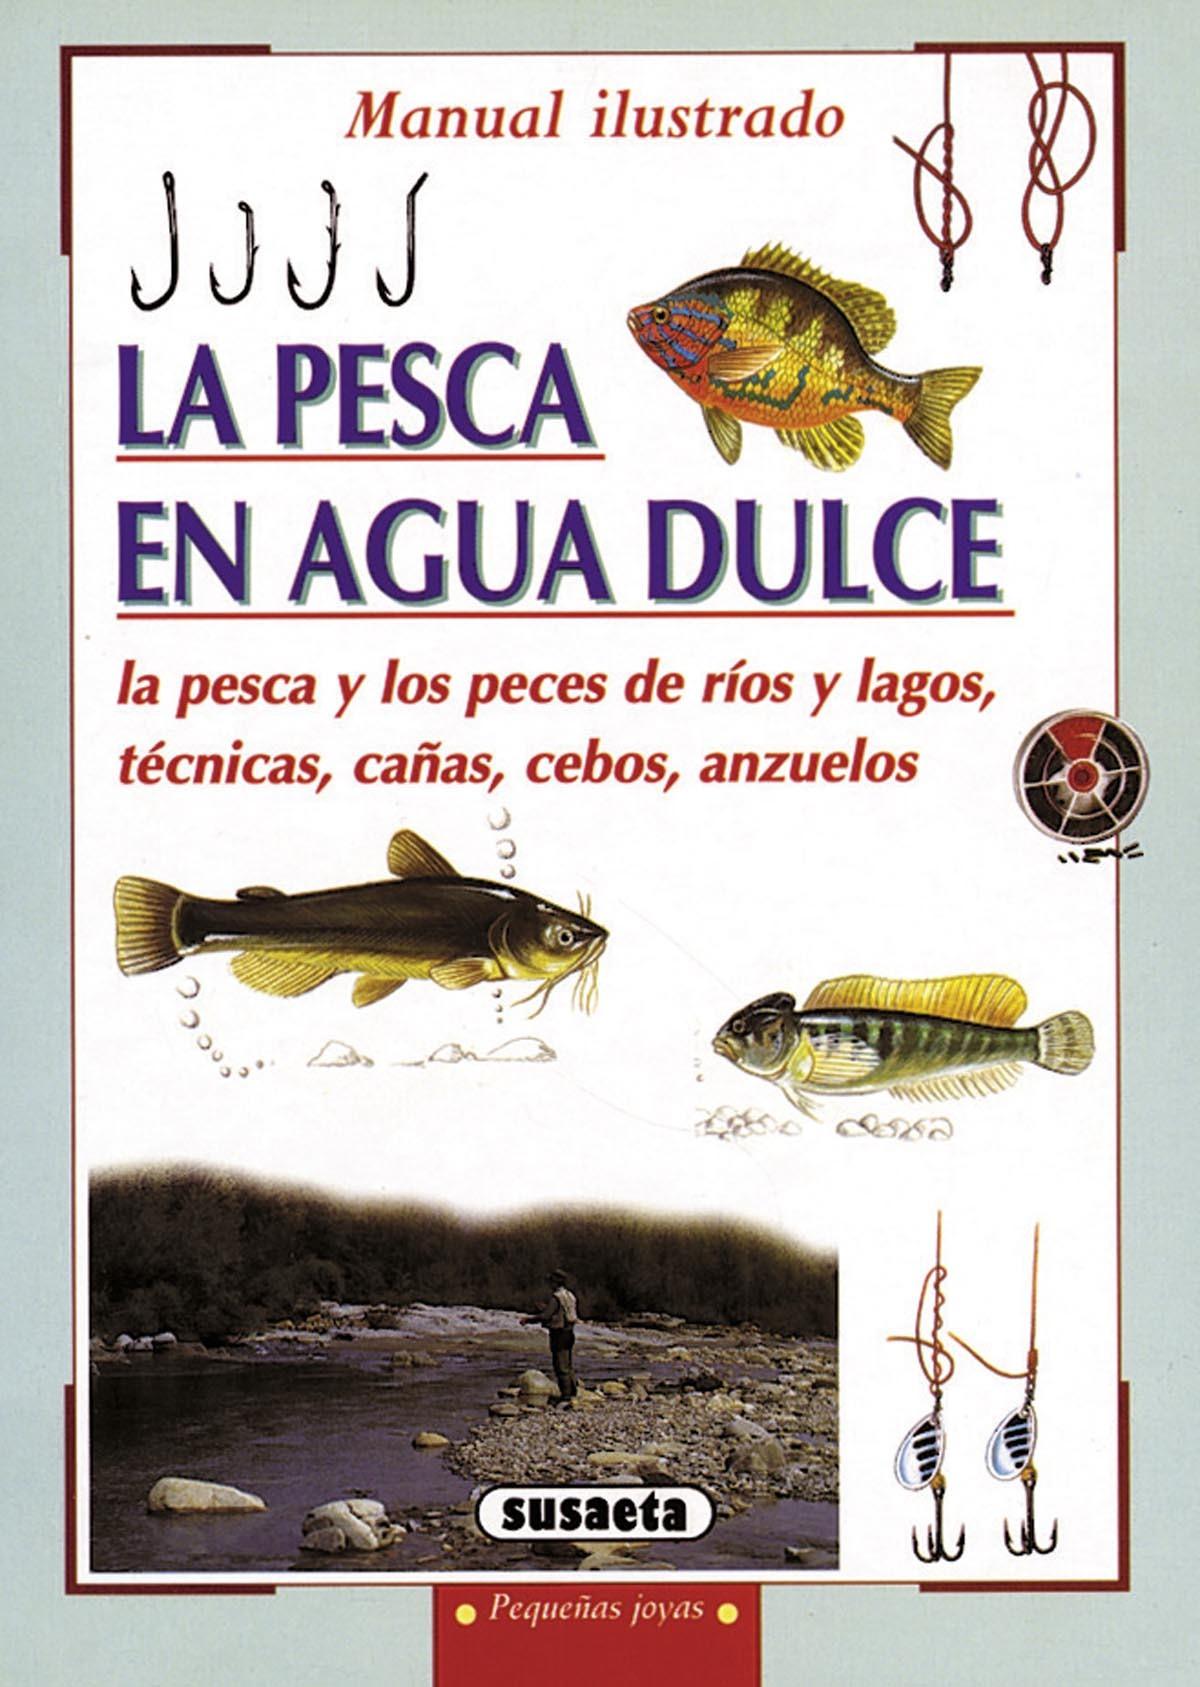 LA PESCA EN AGUA DULCE LA PESCA Y LOS PECES DE RÍOS Y LAGOS, TÉCNICAS,